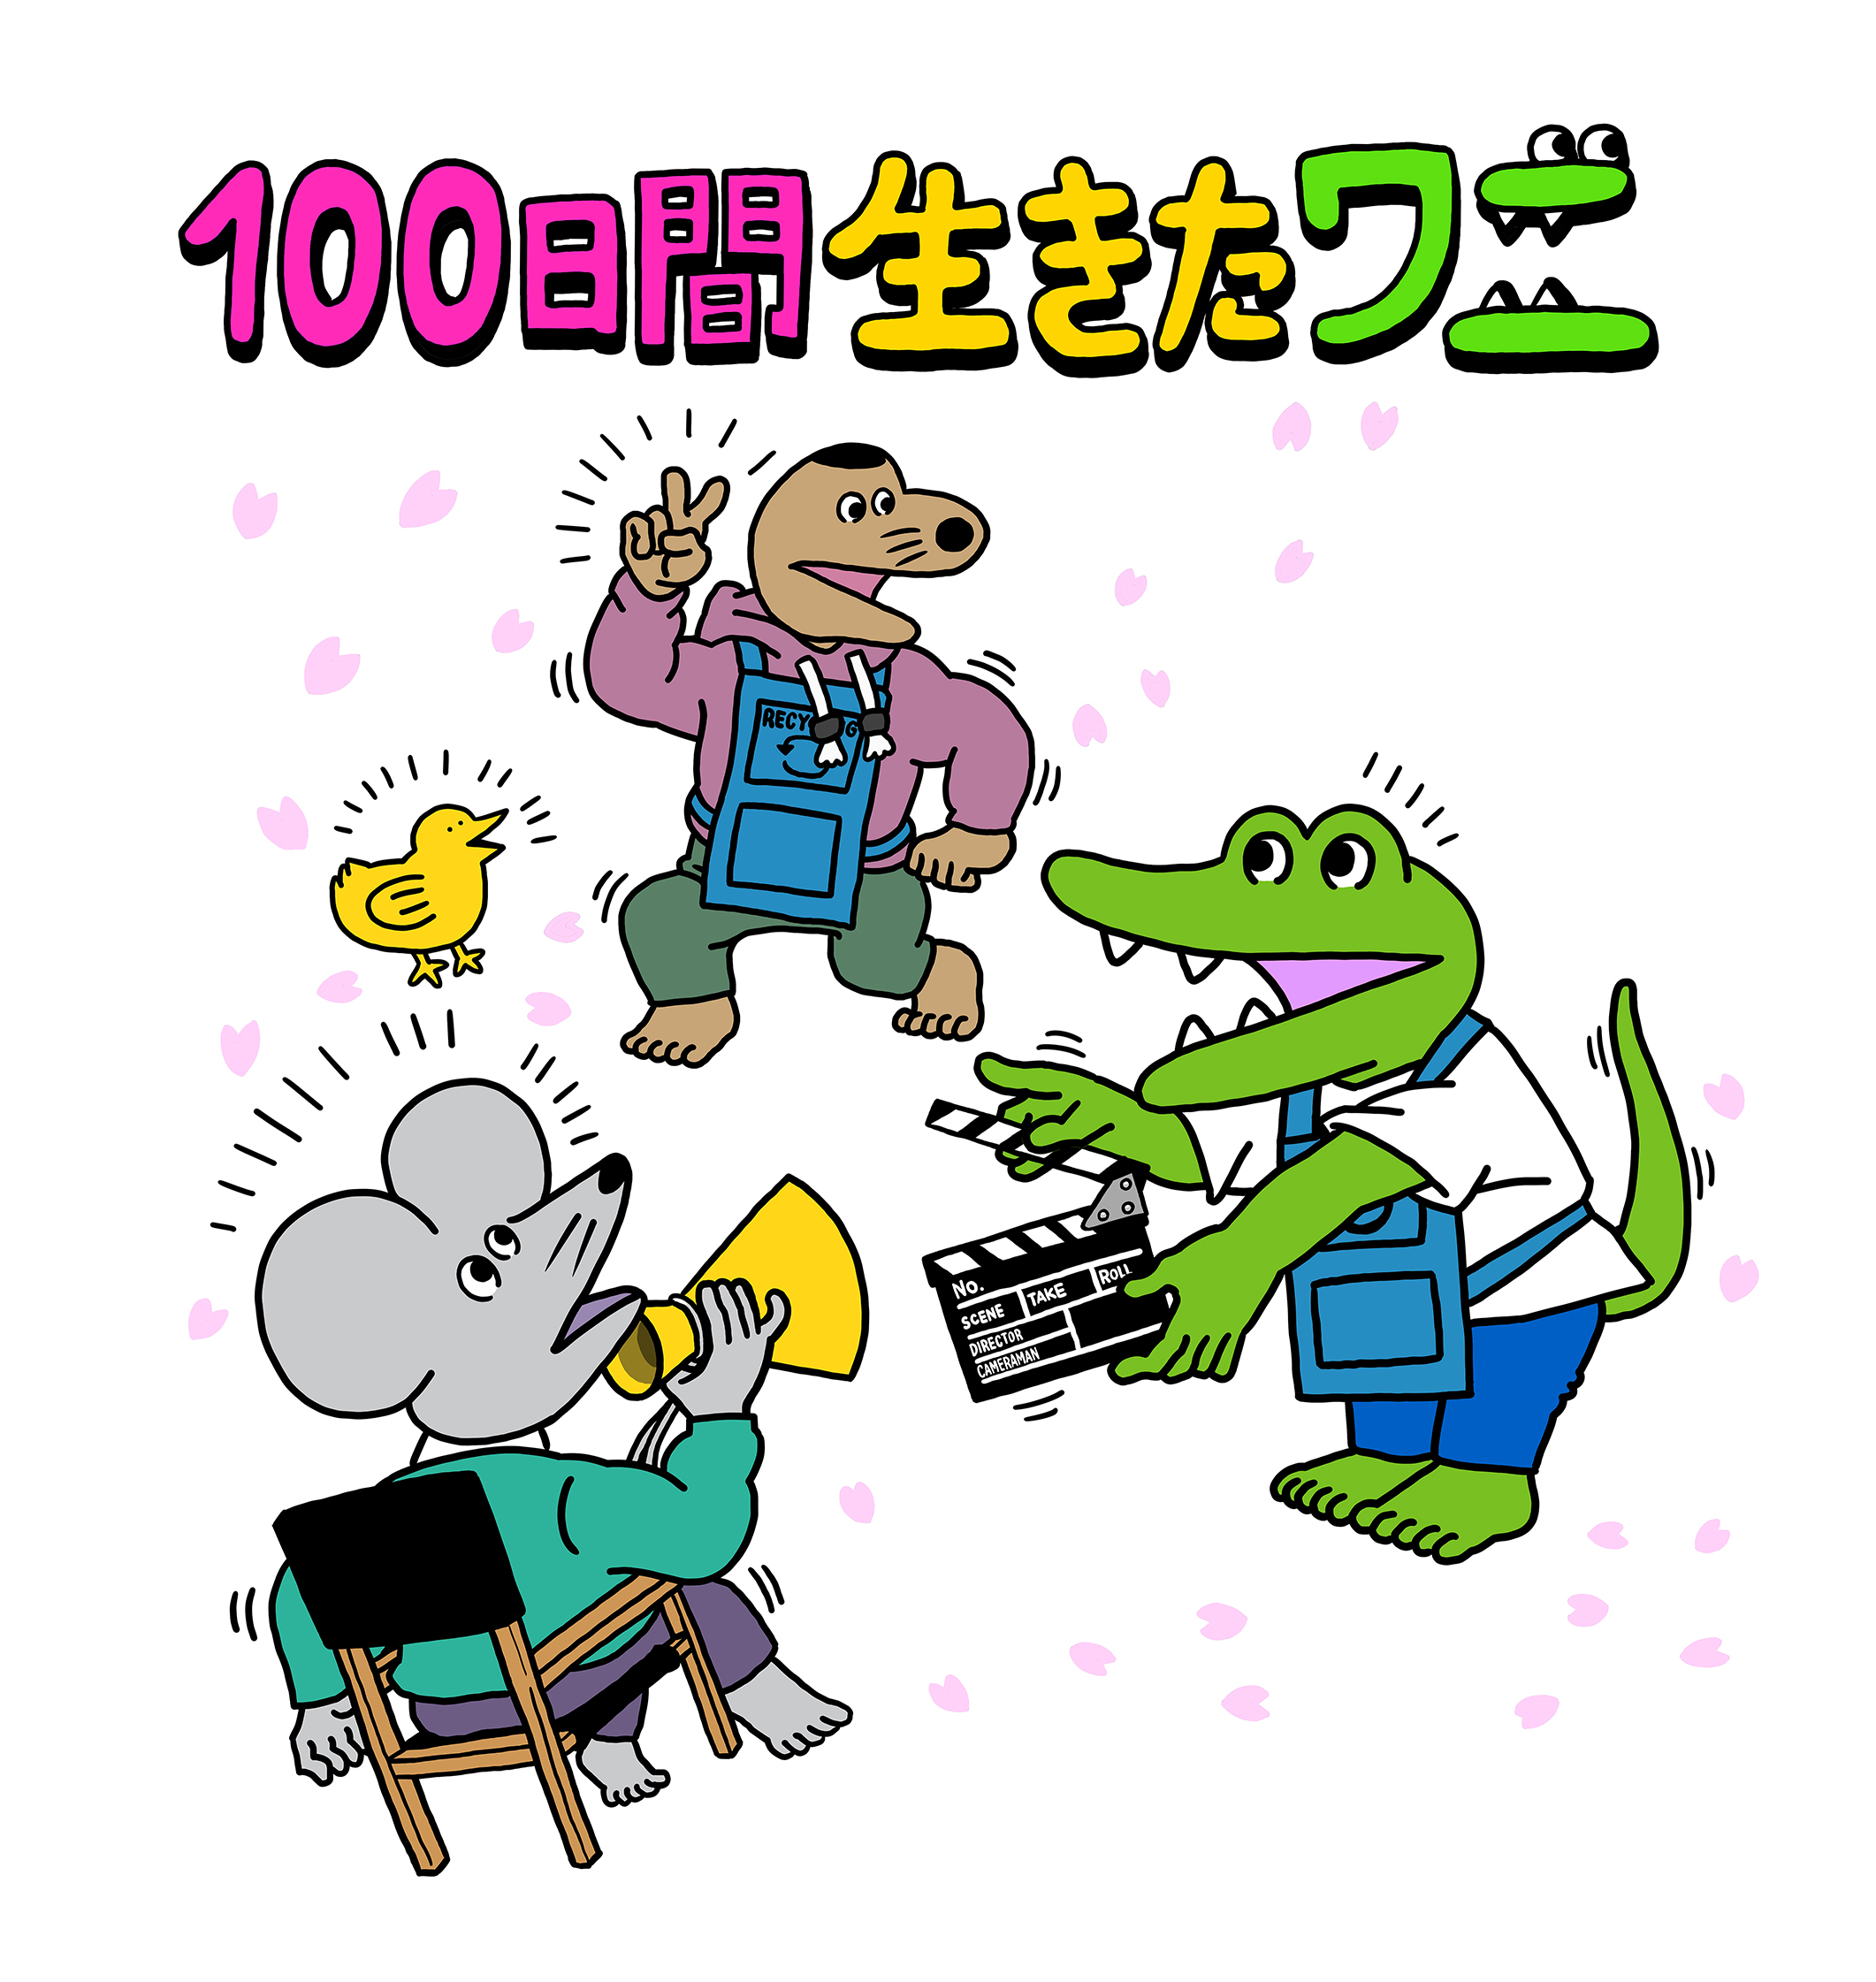 「100日間生きたワニ」きくちゆうき先生描き下ろしイラスト